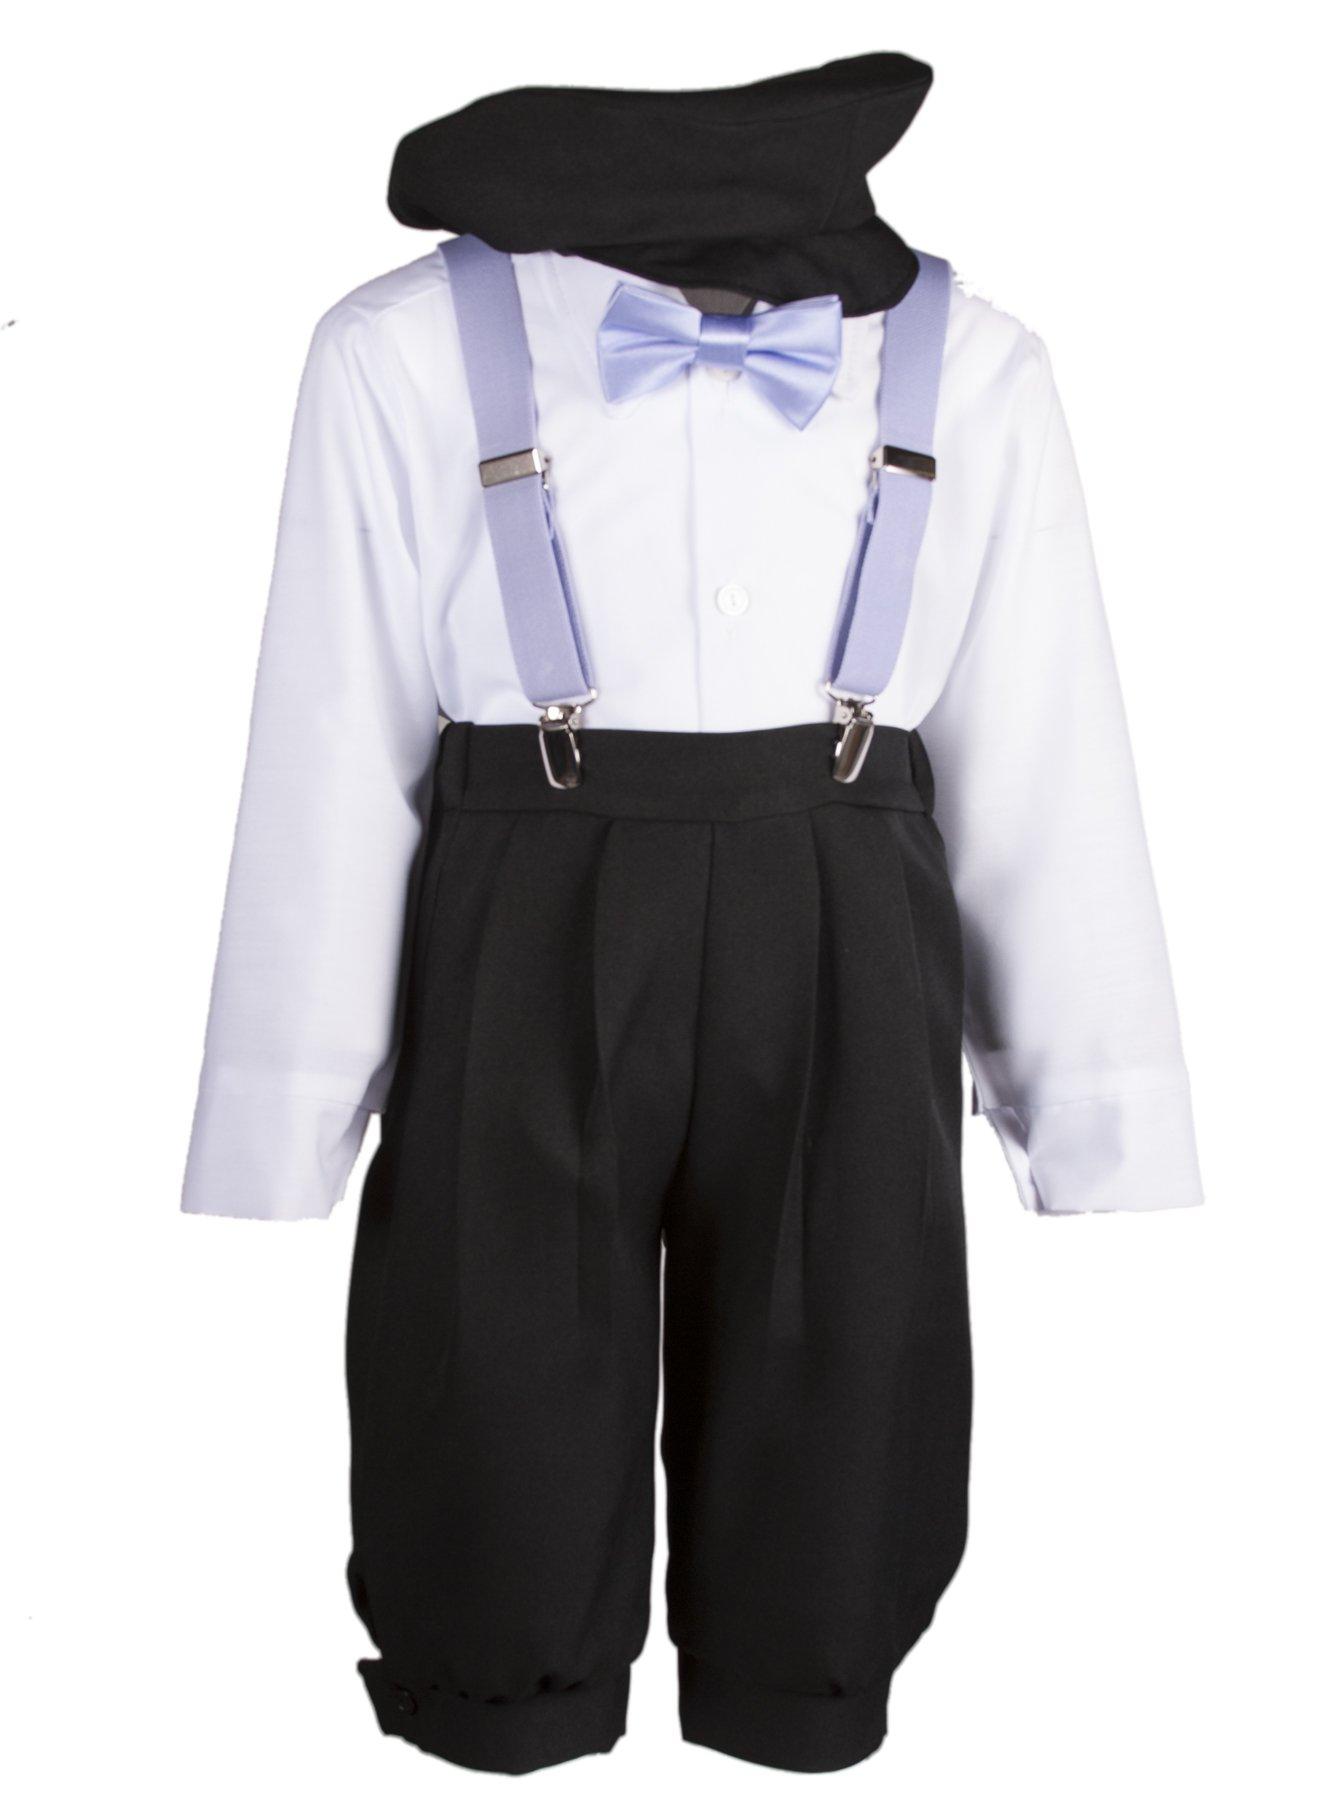 Boys Black Knickers Set Pageboy Cap Lavender Suspenders & Bow Tie (8 Boys)